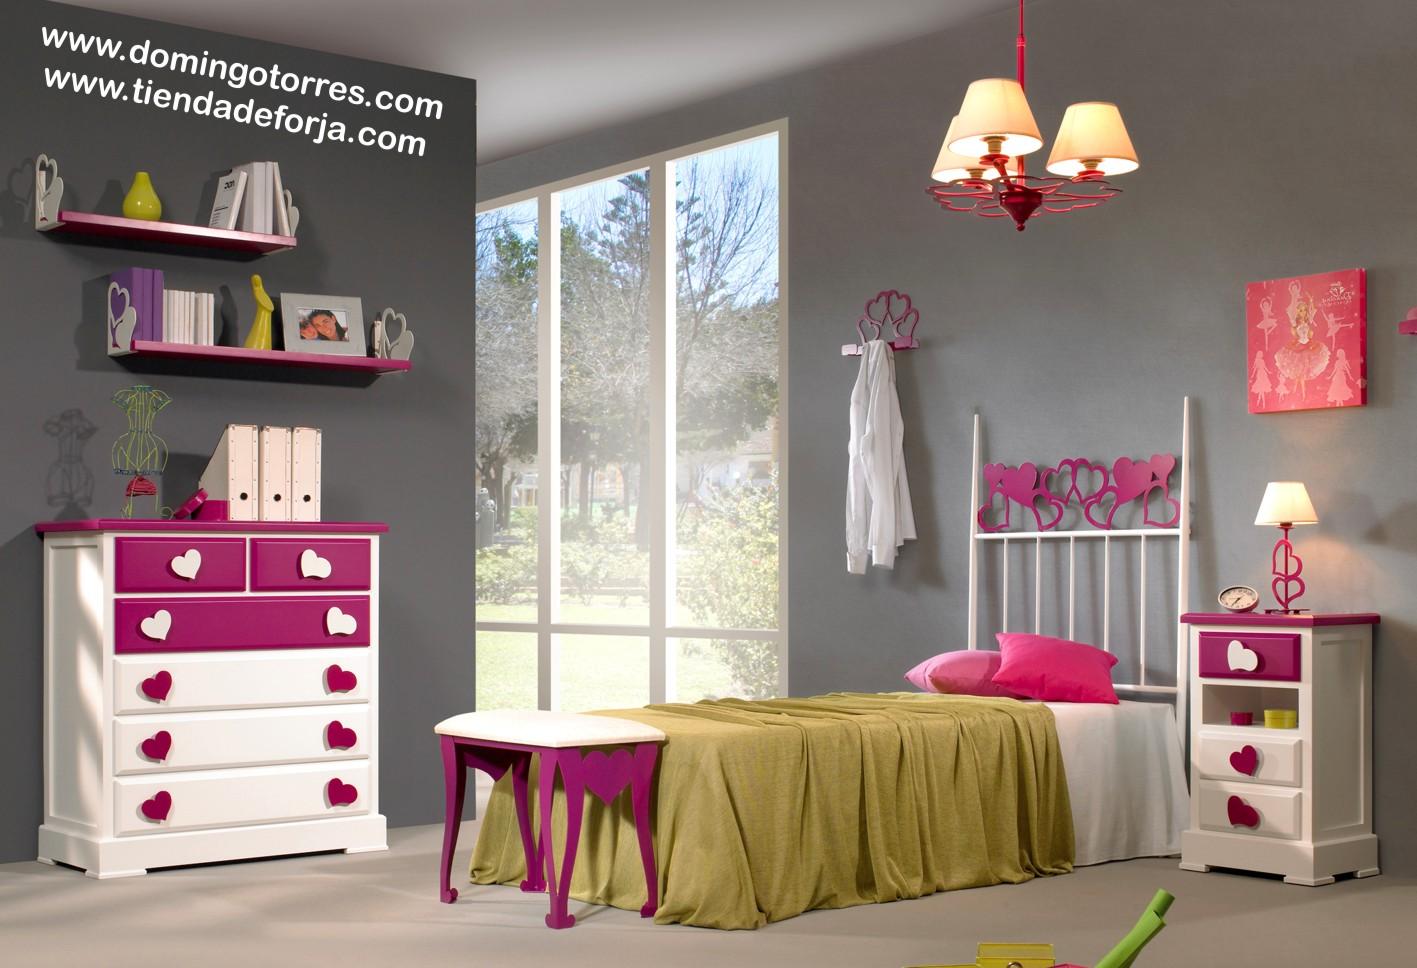 Cama cabecero y litera de forja para dormitorio infantil - Cabeceros de forja infantiles ...